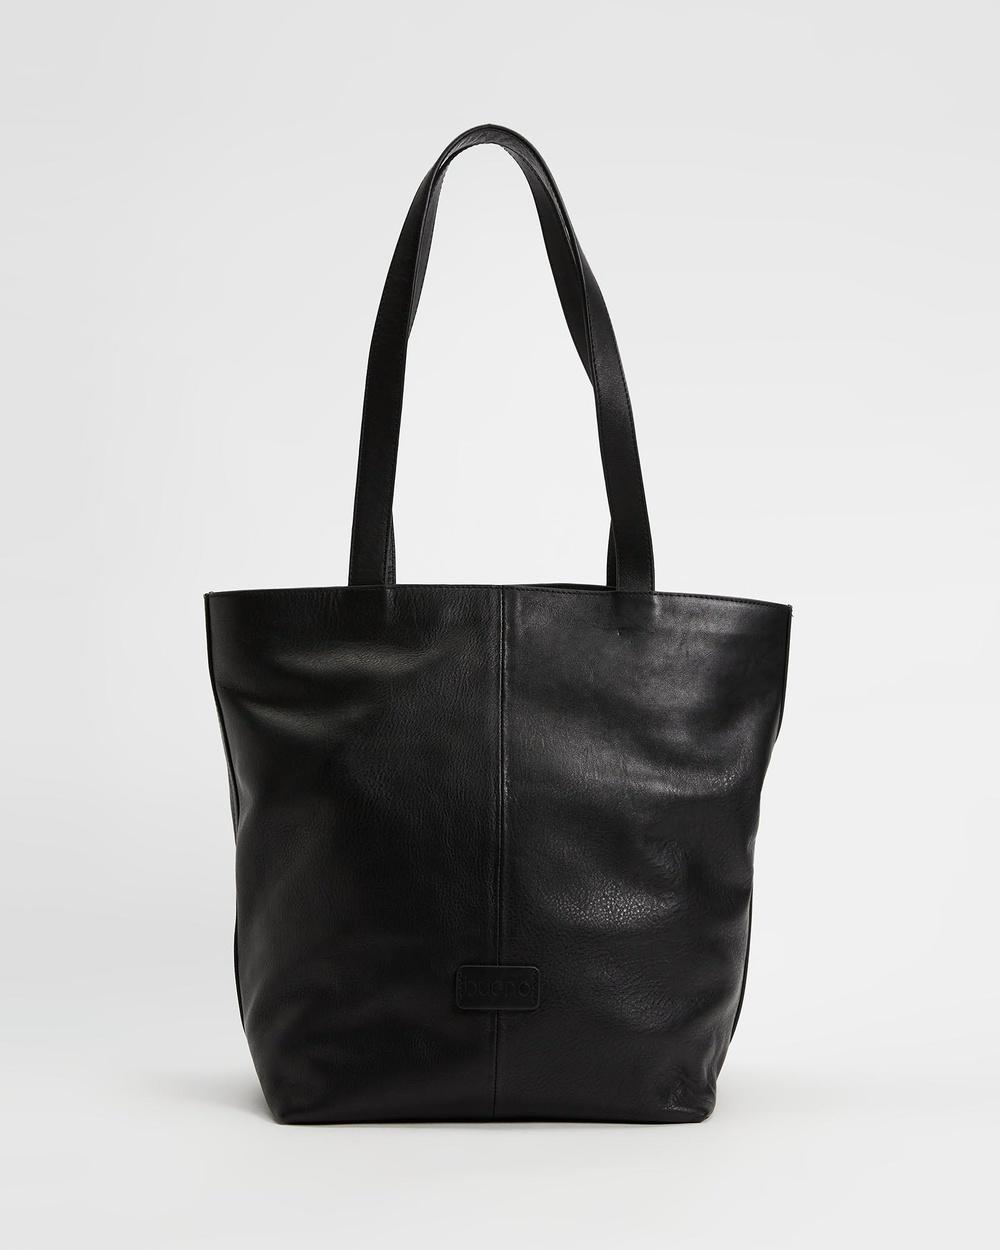 Bueno Dixon Handbags Black Australia